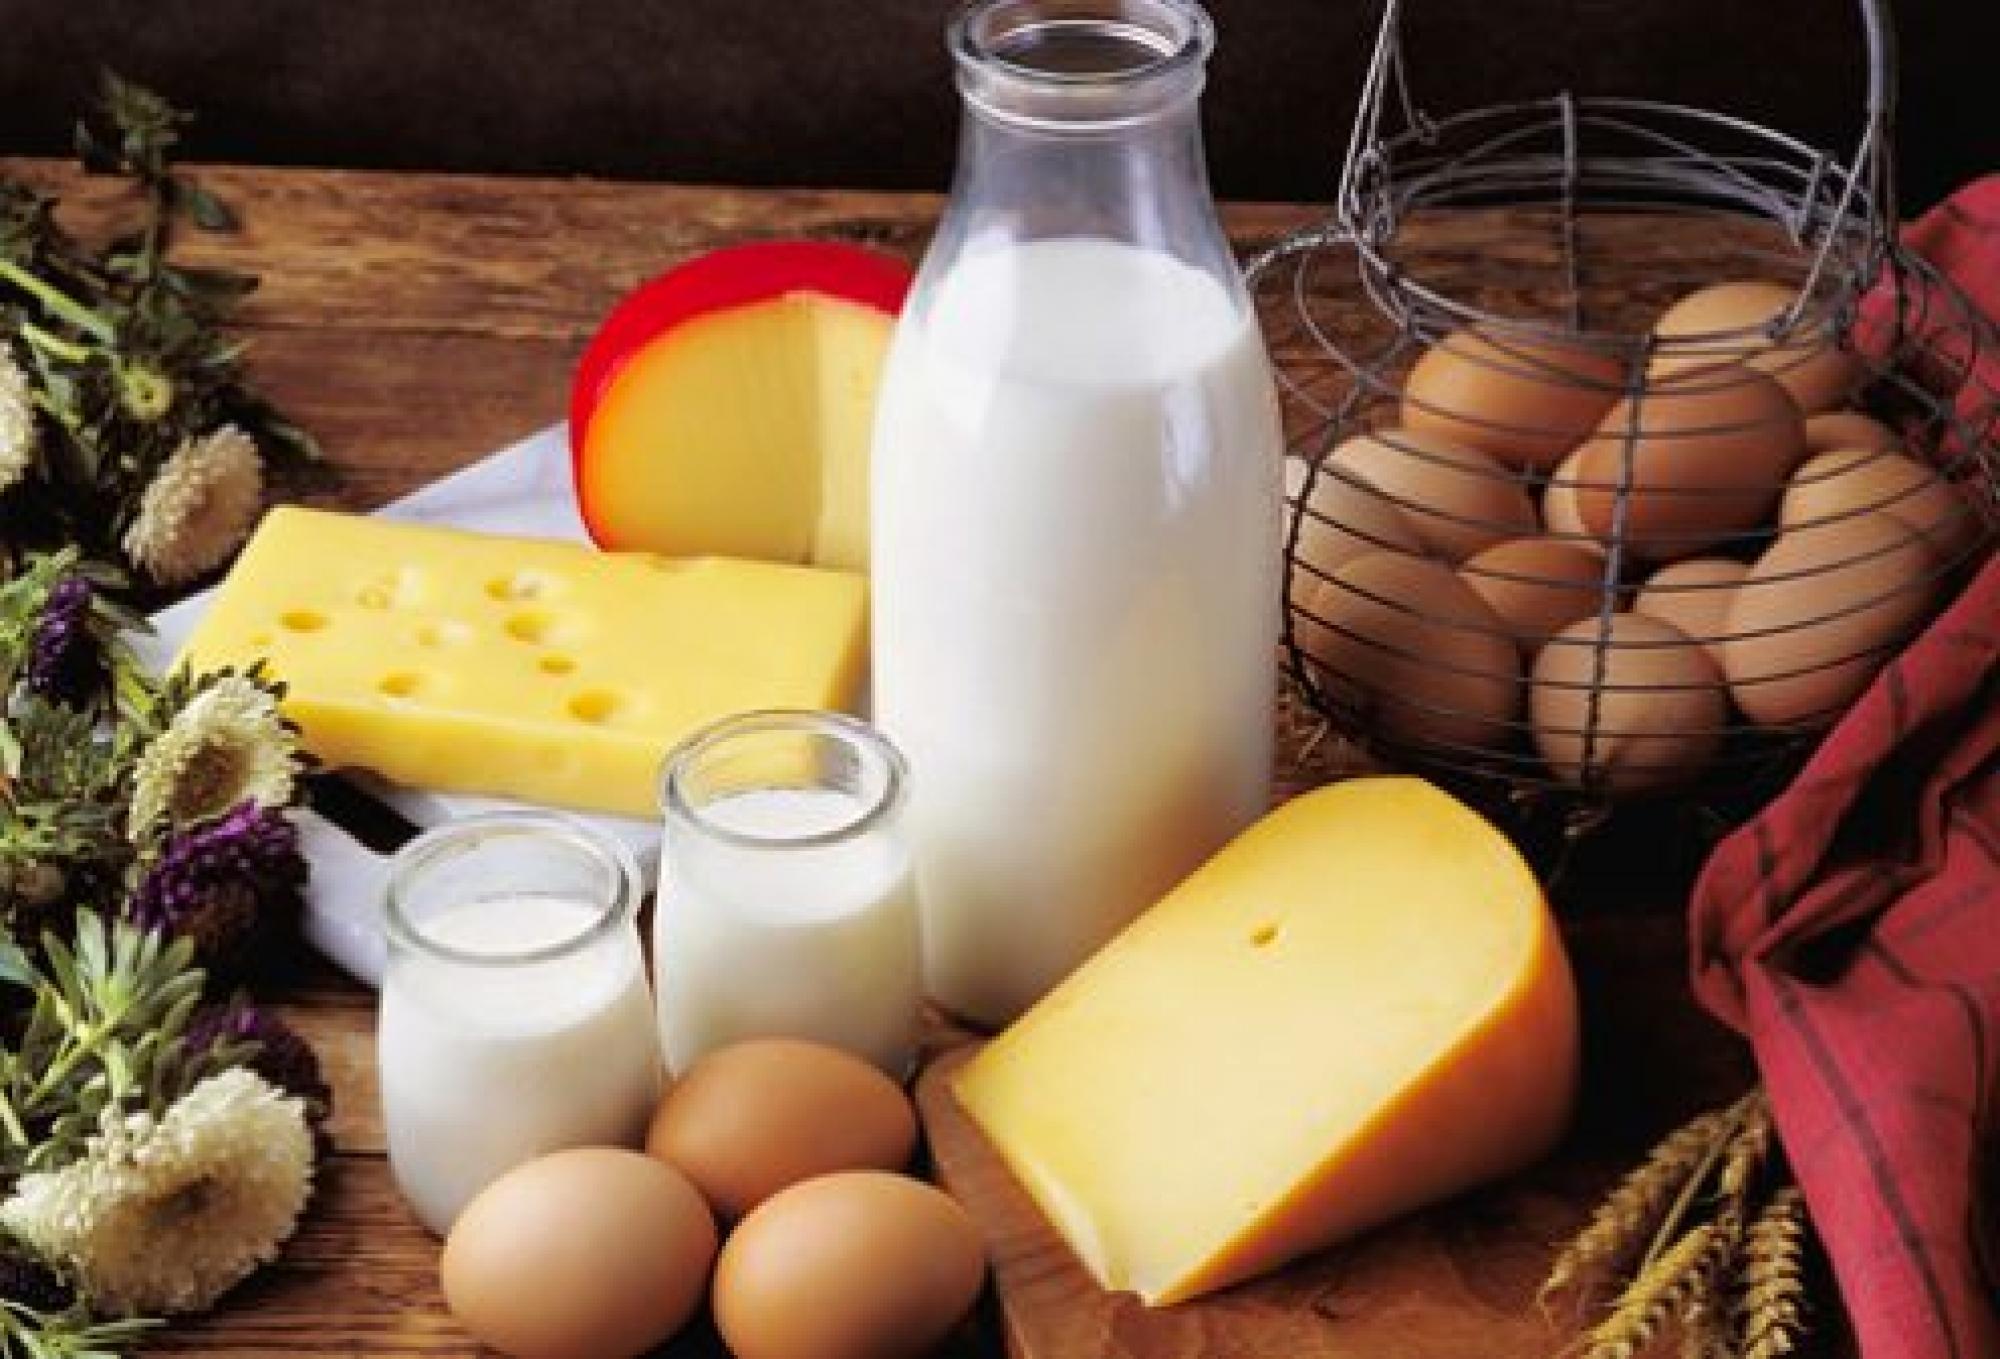 Курс еды: сравниваем цены в супермаркетах Вологды (2 - 6 марта)